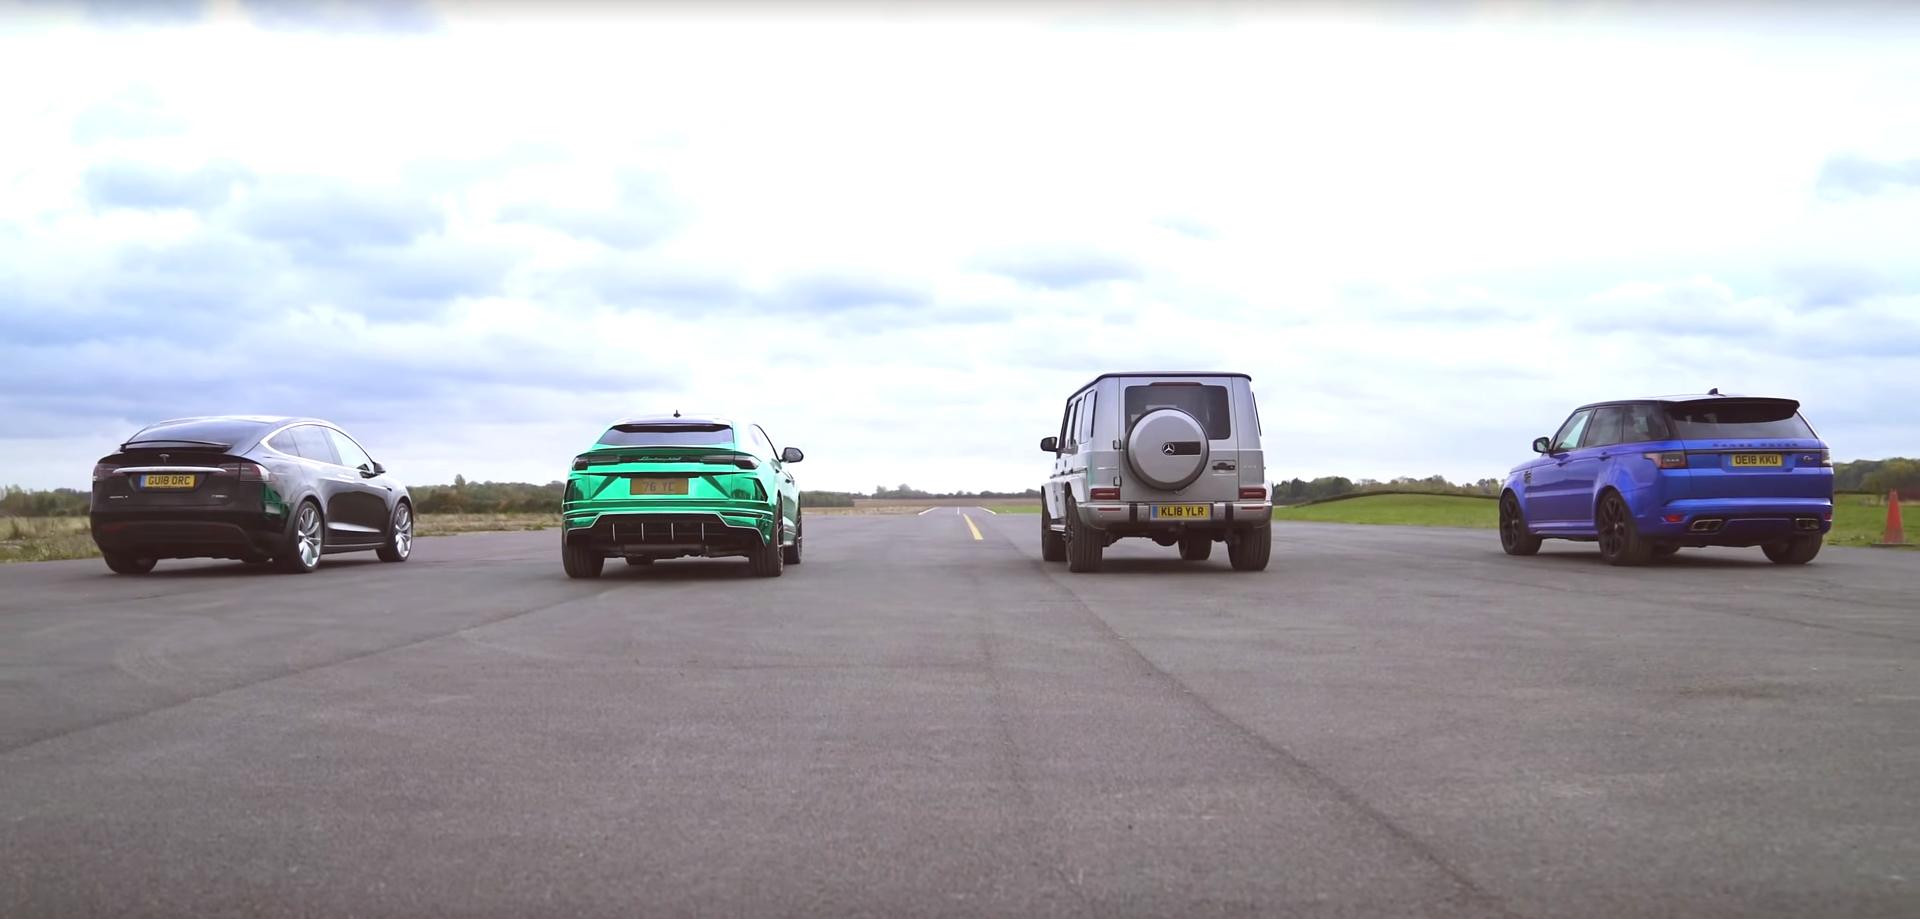 Quer ver como um Tesla Model X bate um Urus, um G63 AMG e um Range SVR?